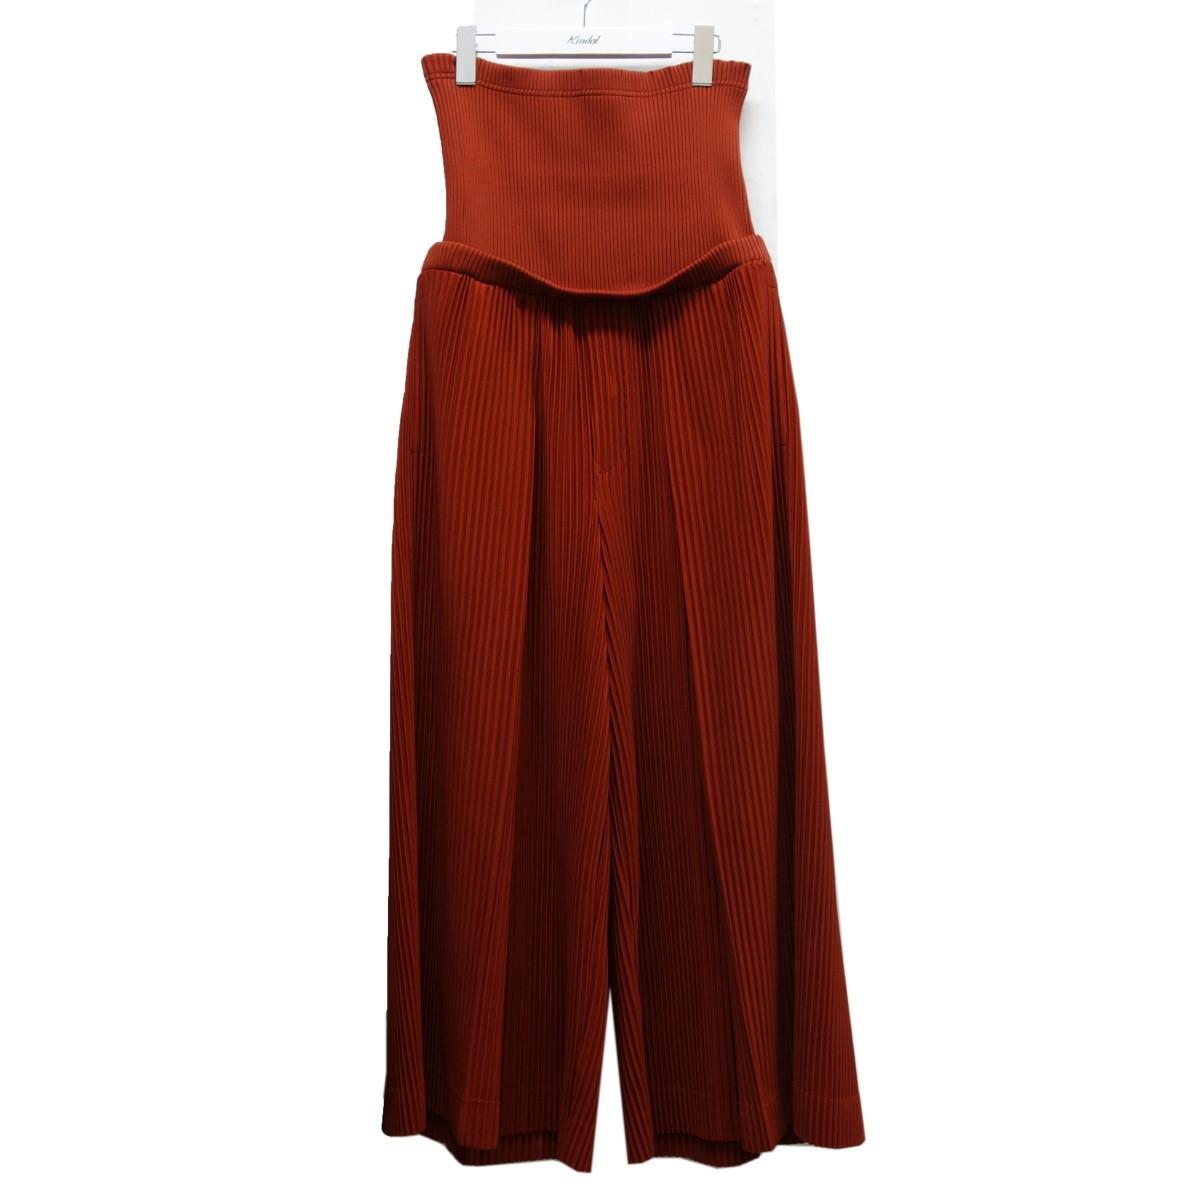 メンズファッション, ズボン・パンツ HOMME PLISSE ISSEY MIYAKE 19AW 2 240920